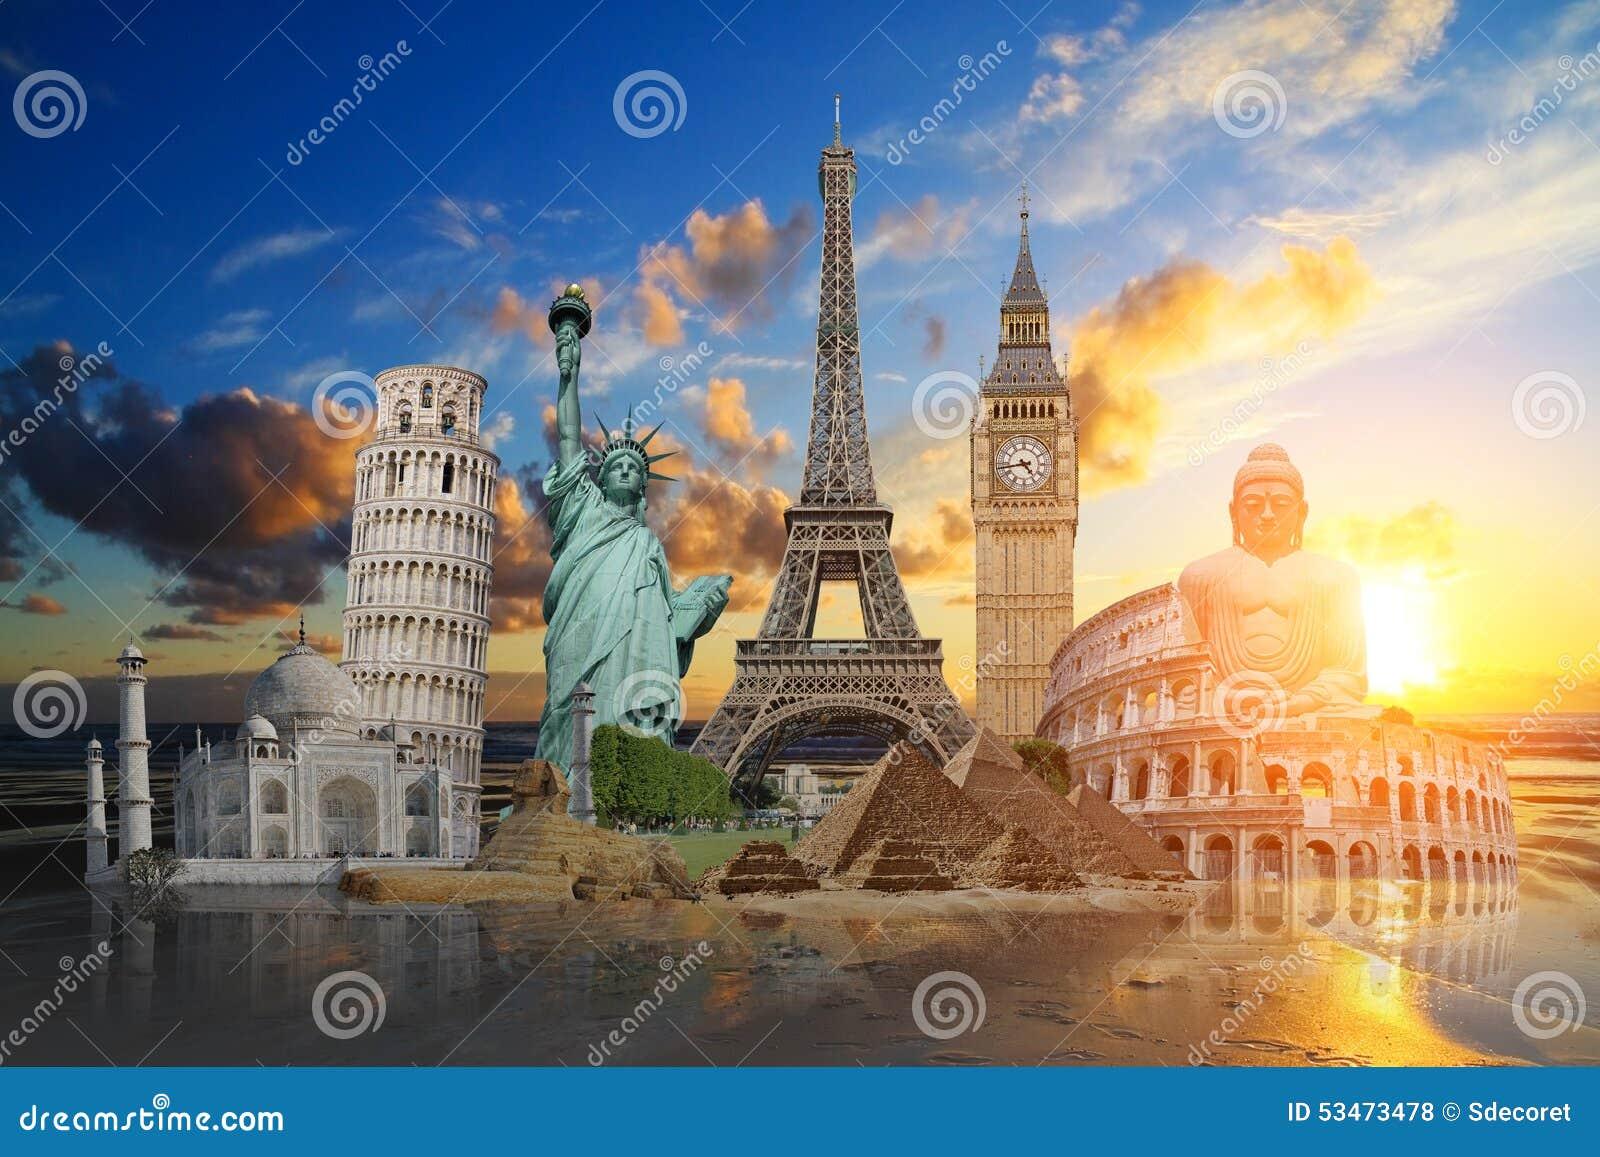 Monumenten van de wereld stock foto afbeelding bestaande uit londen 53473478 - Spiegelhuis van de wereld ...